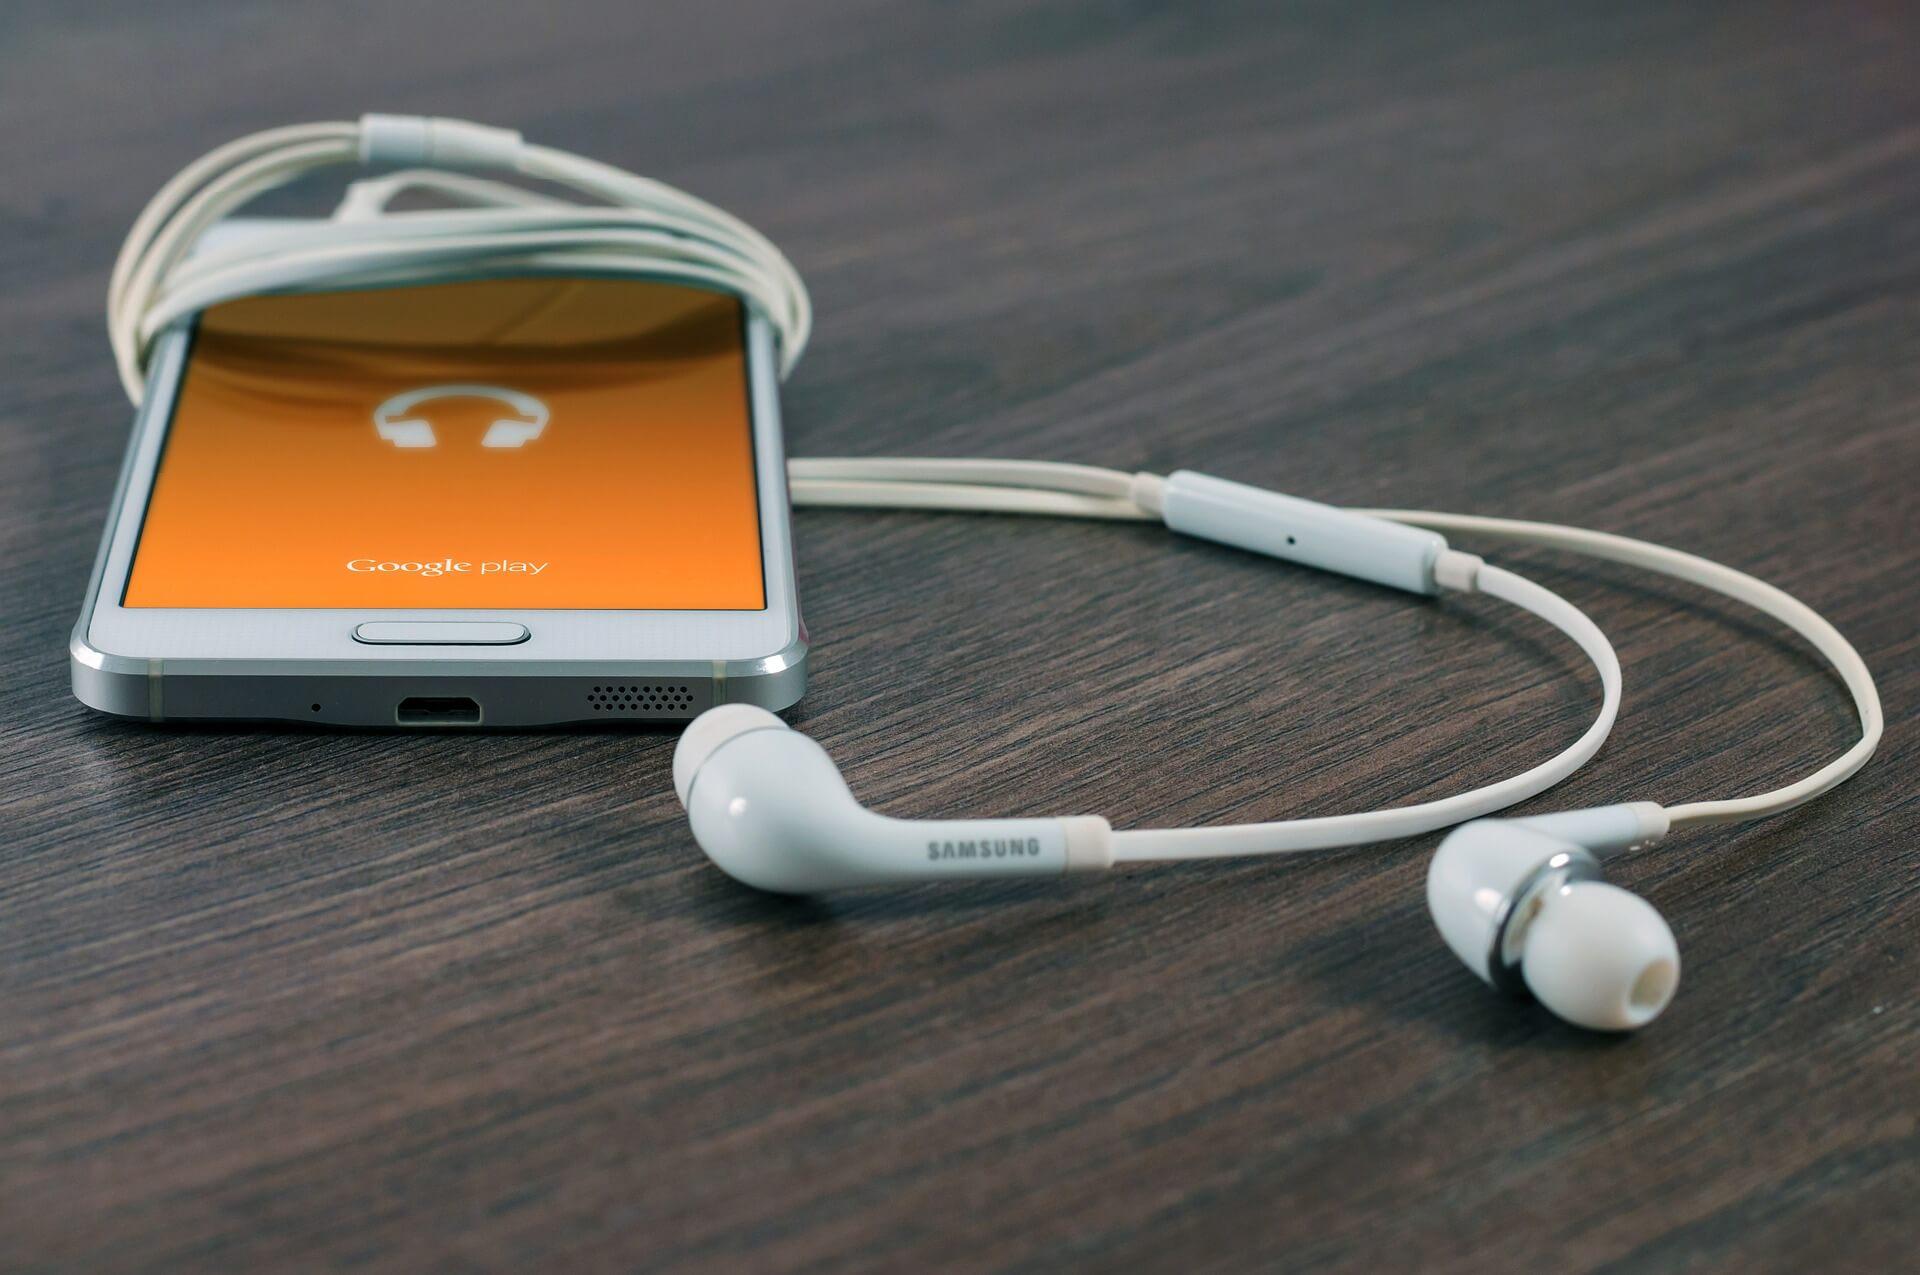 Batterie pas cher Chanas : batterie téléphone portable